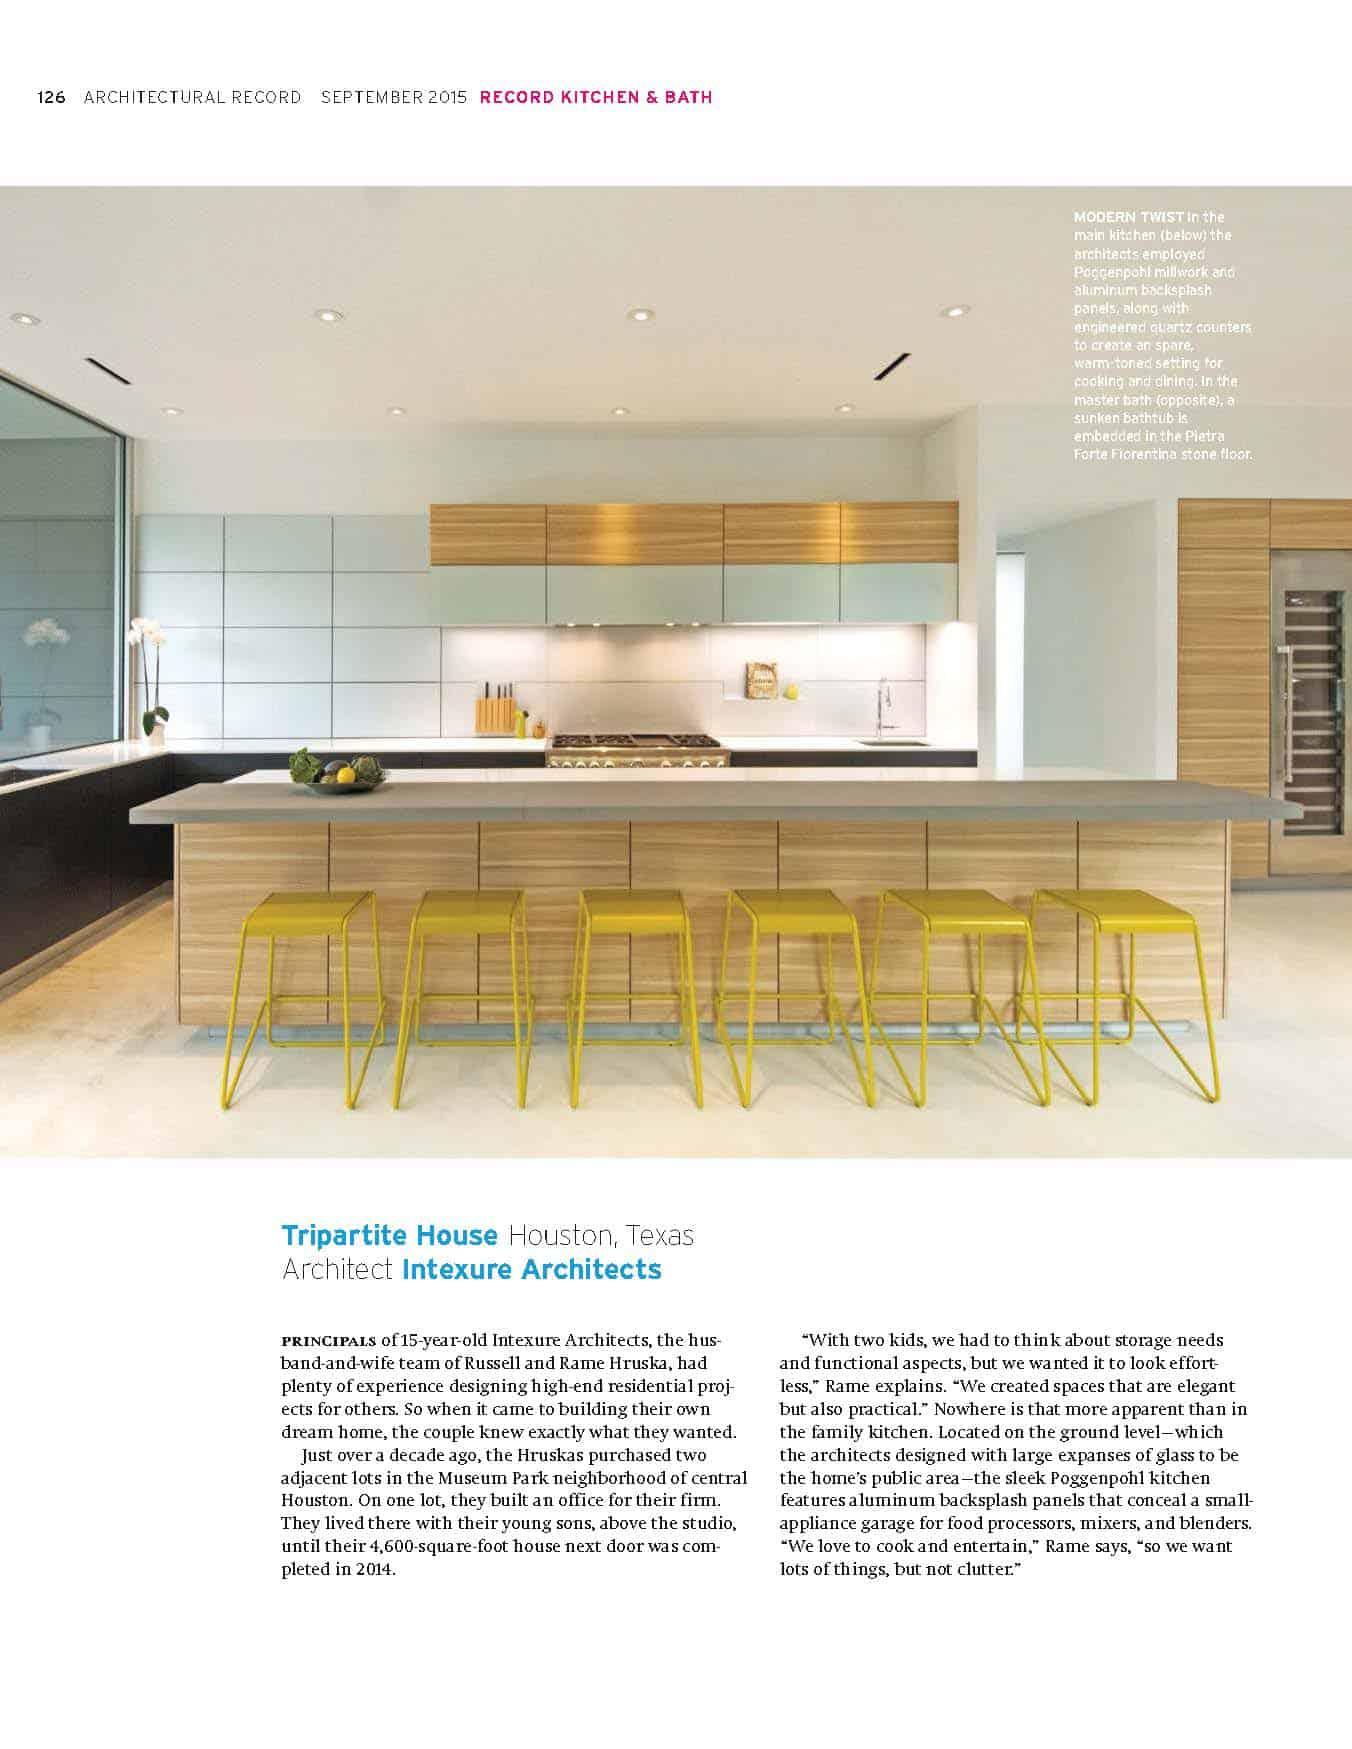 architecture record intexure tripartite kitchen